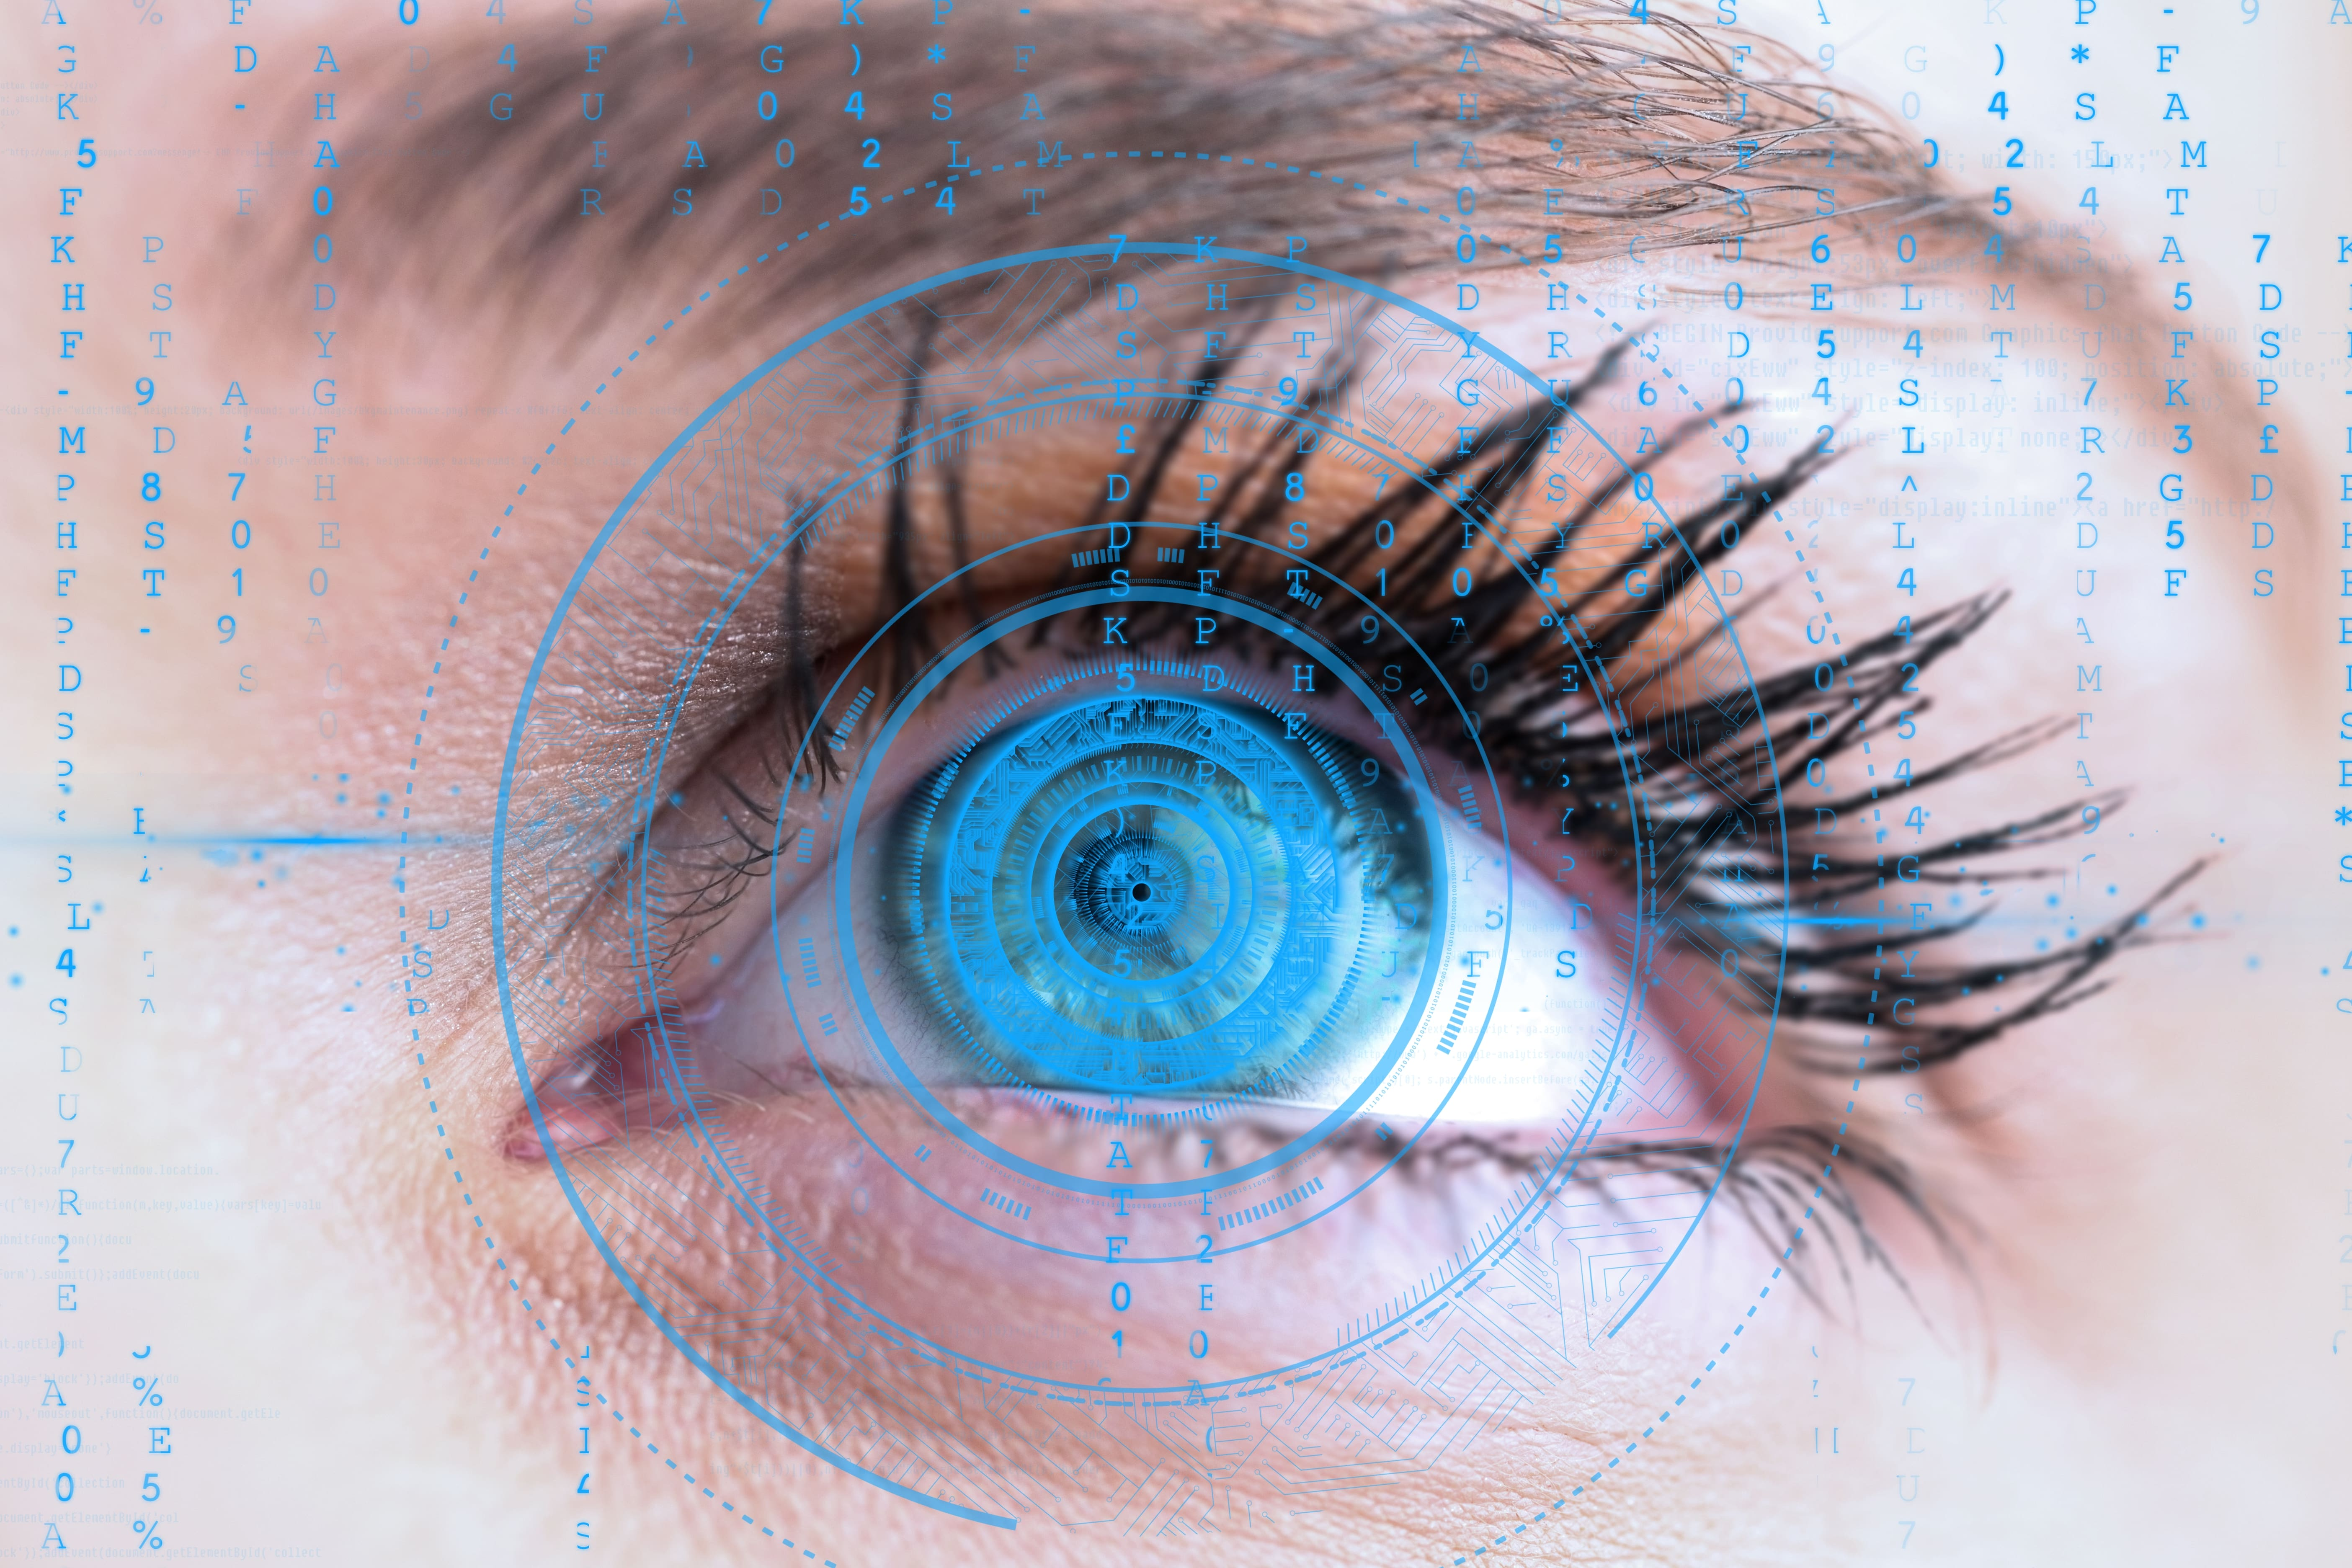 neuro oftalmologija